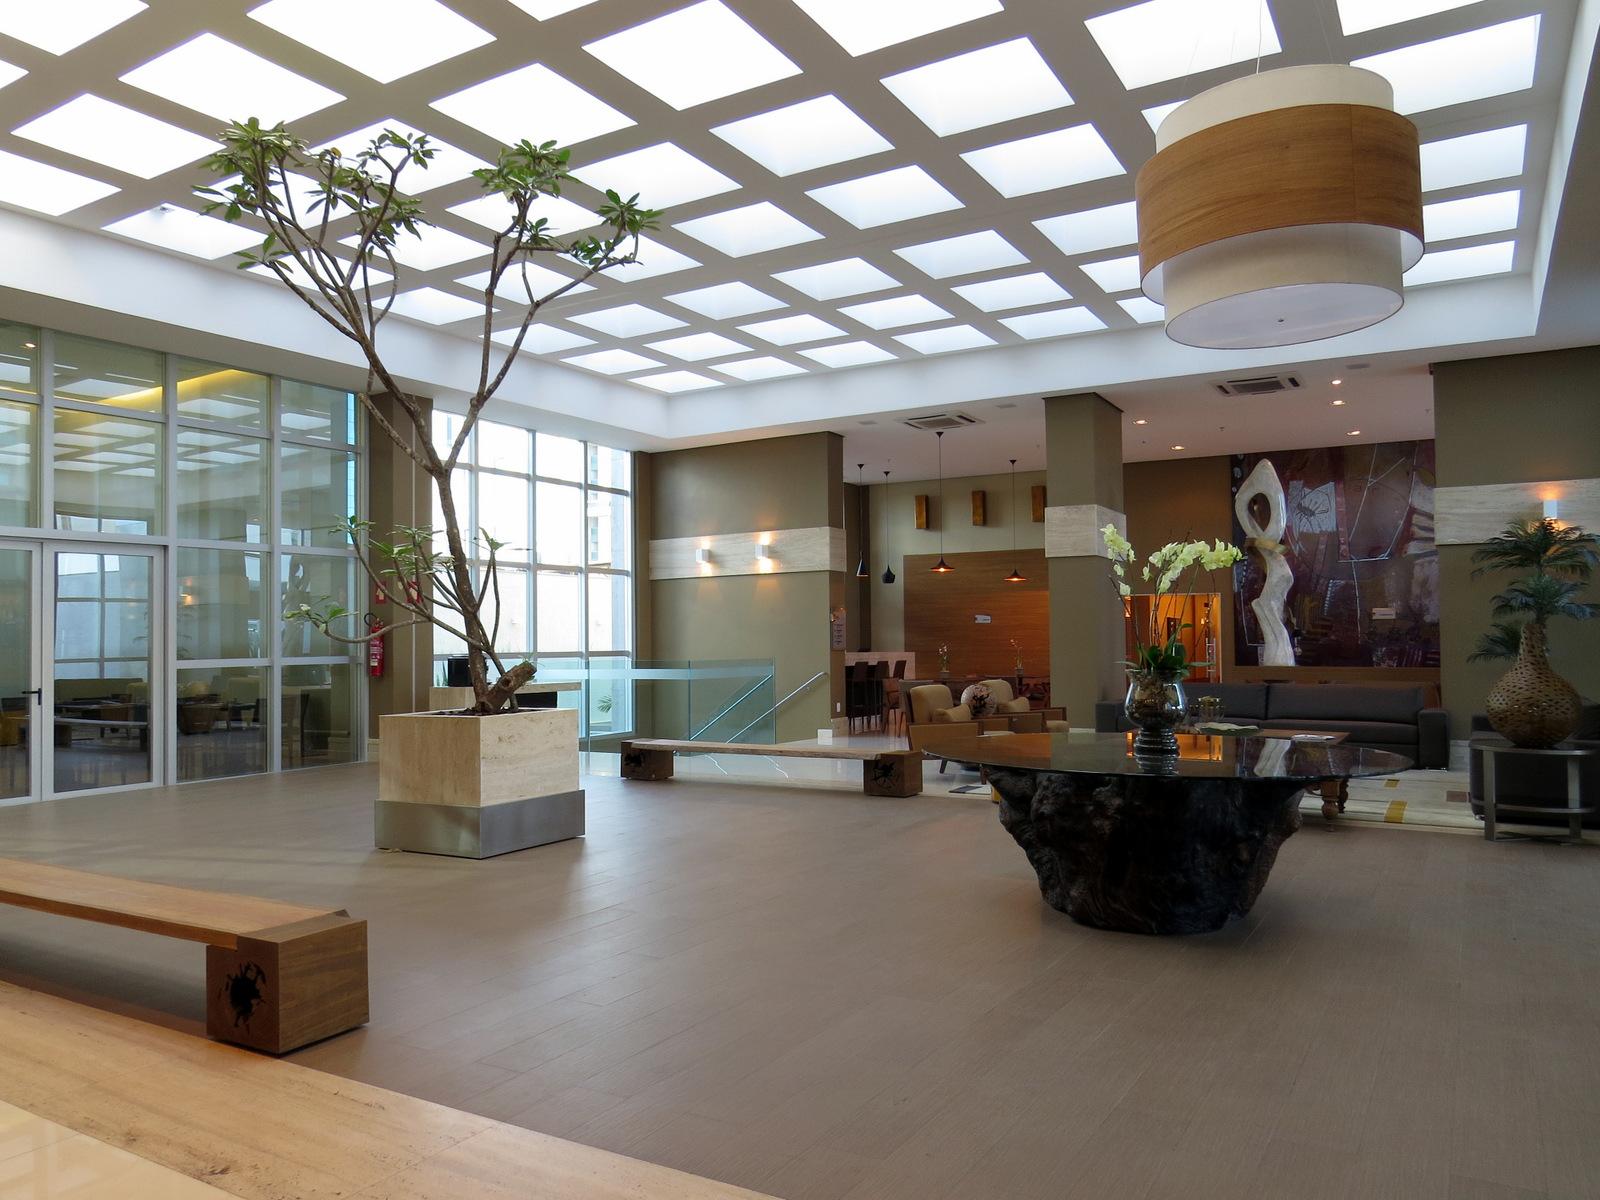 Blue Tree Premium Jade Brasilia: novo hotel de luxo na Capital Federal  #5F4832 1600x1200 Balanca Banheiro Melhor